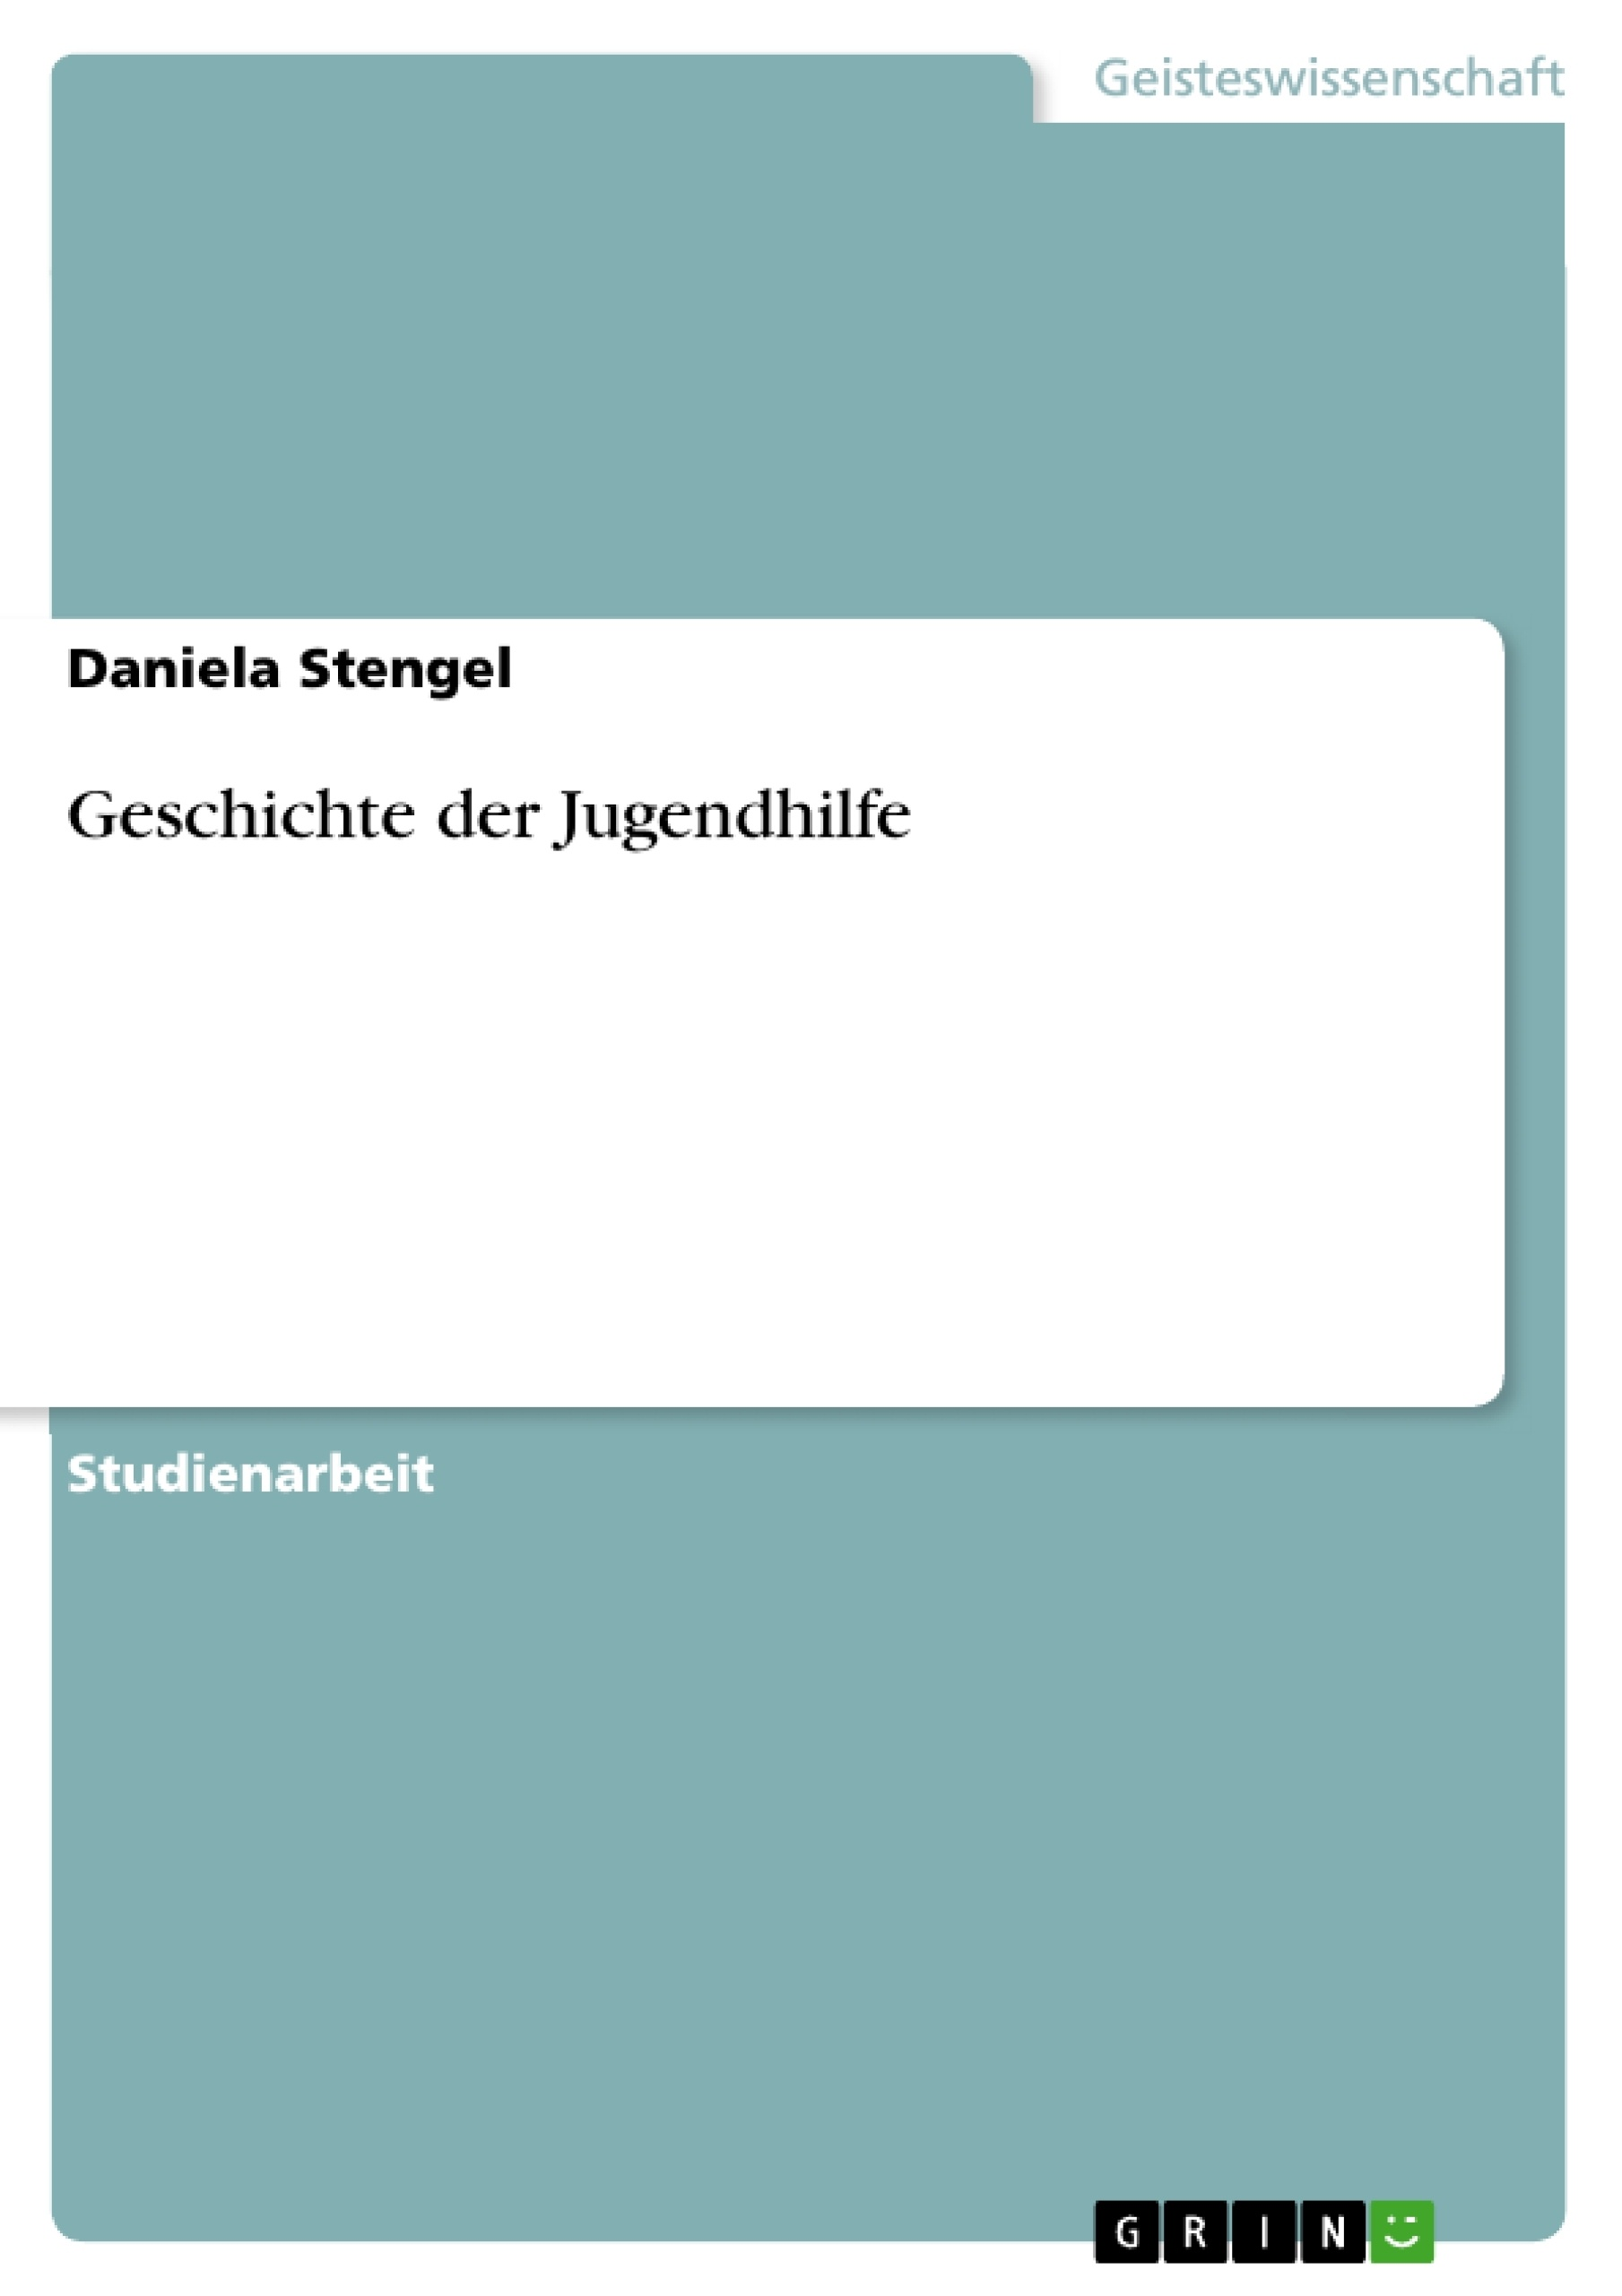 Geschichte der Jugendhilfe | Masterarbeit, Hausarbeit ...